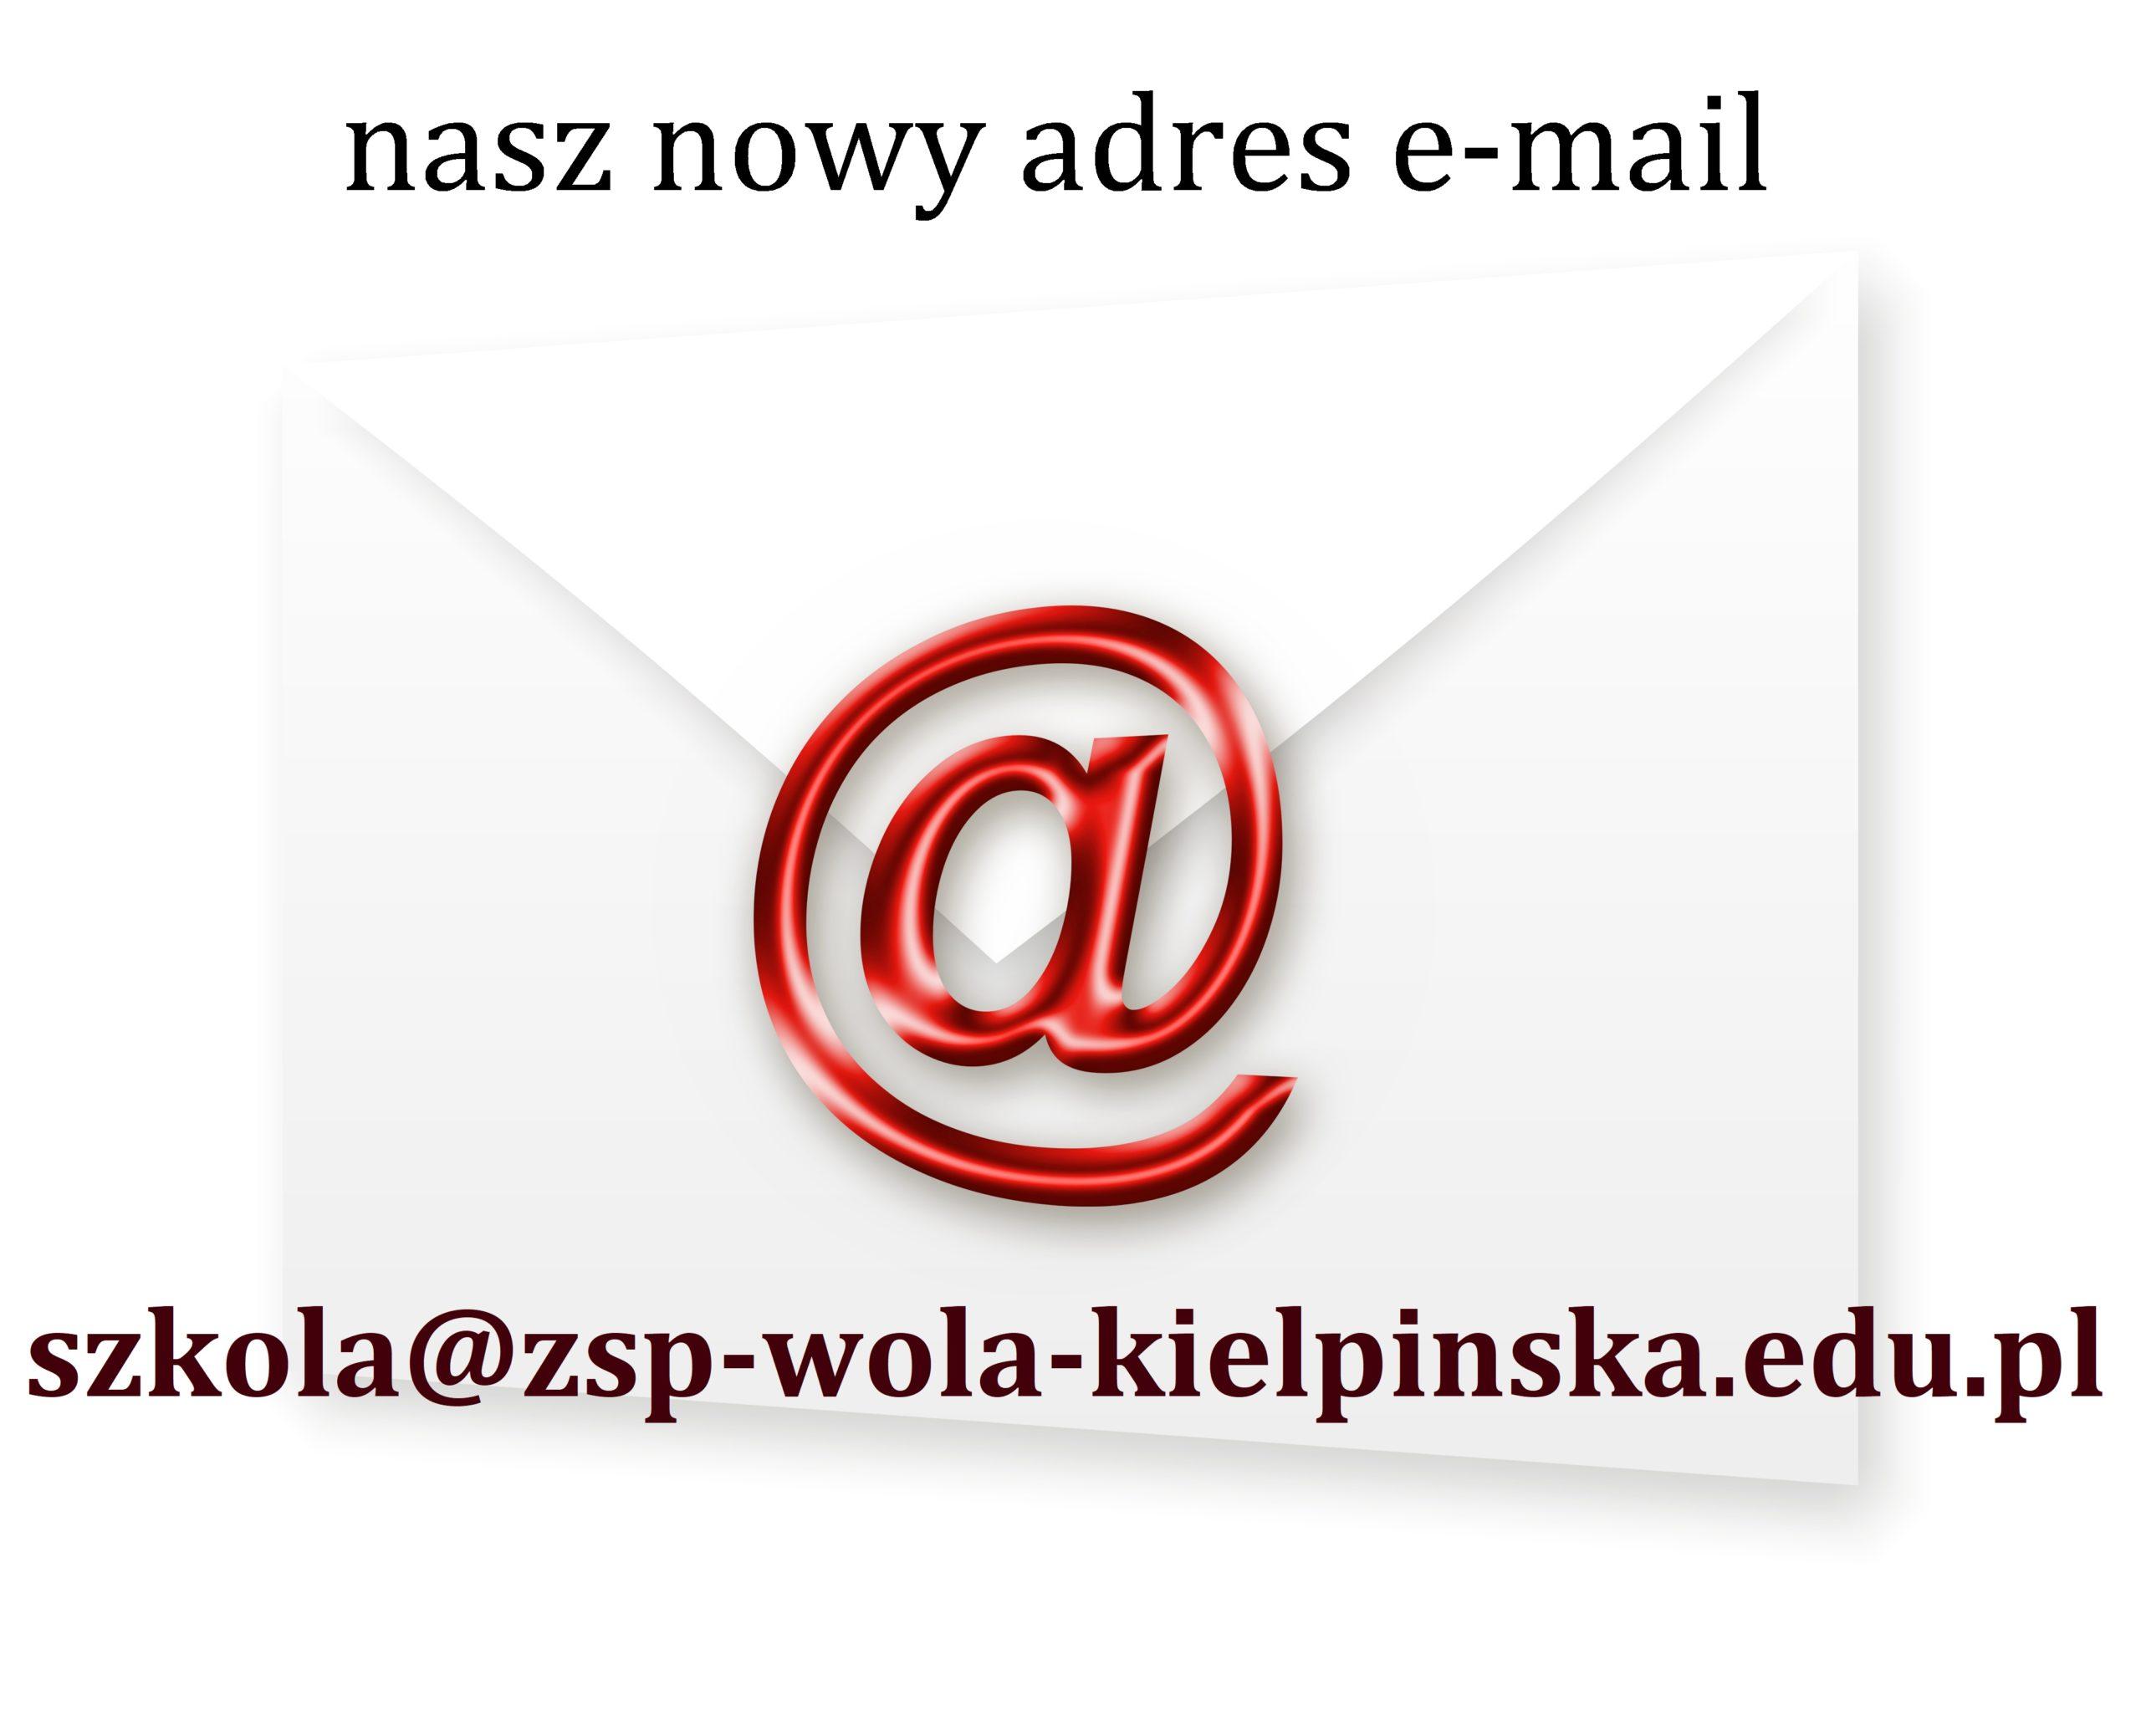 Adres e-mail